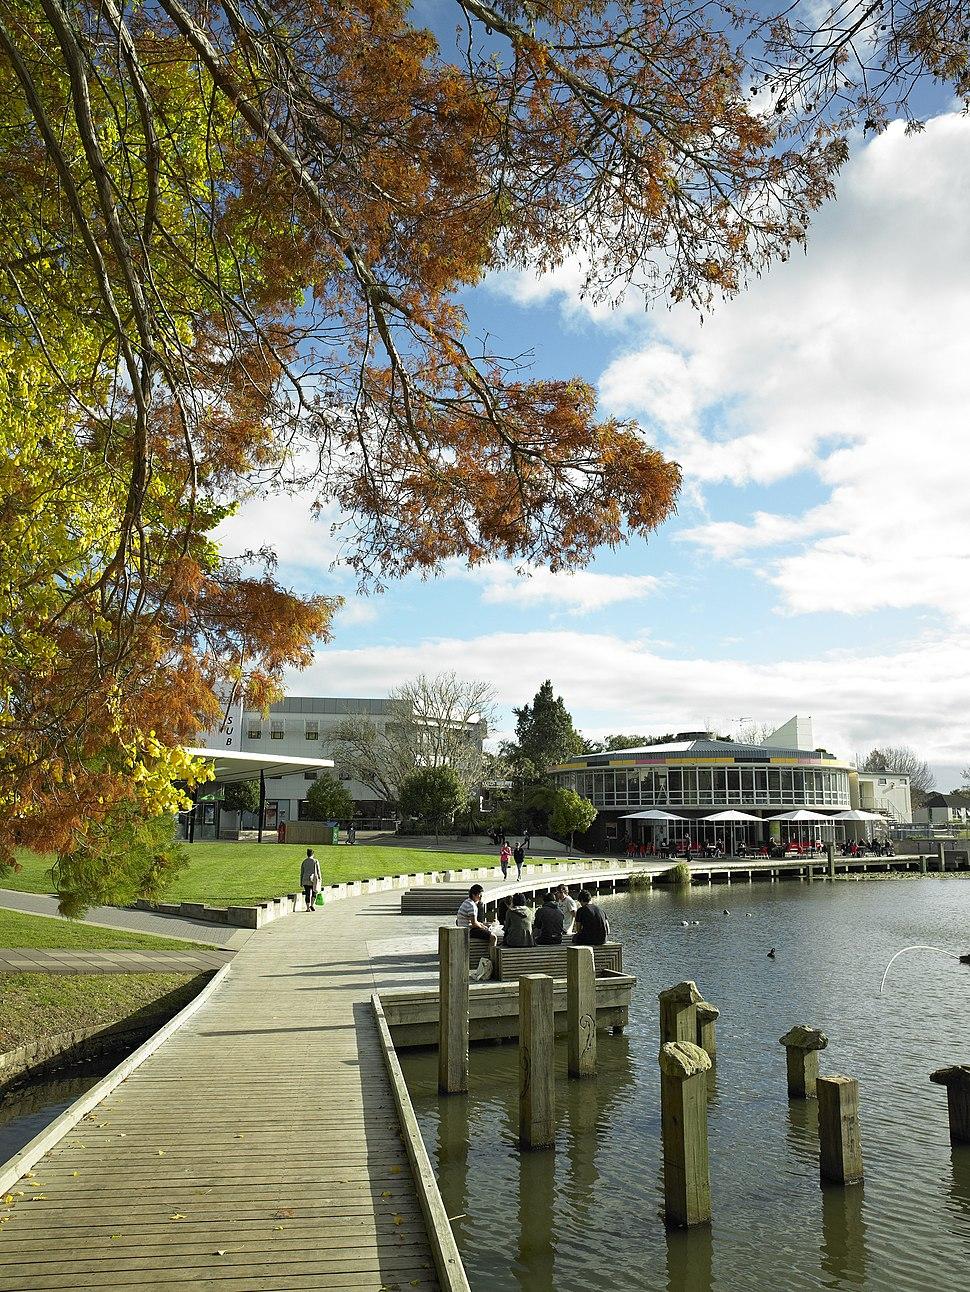 University of Waikato lake by the village green